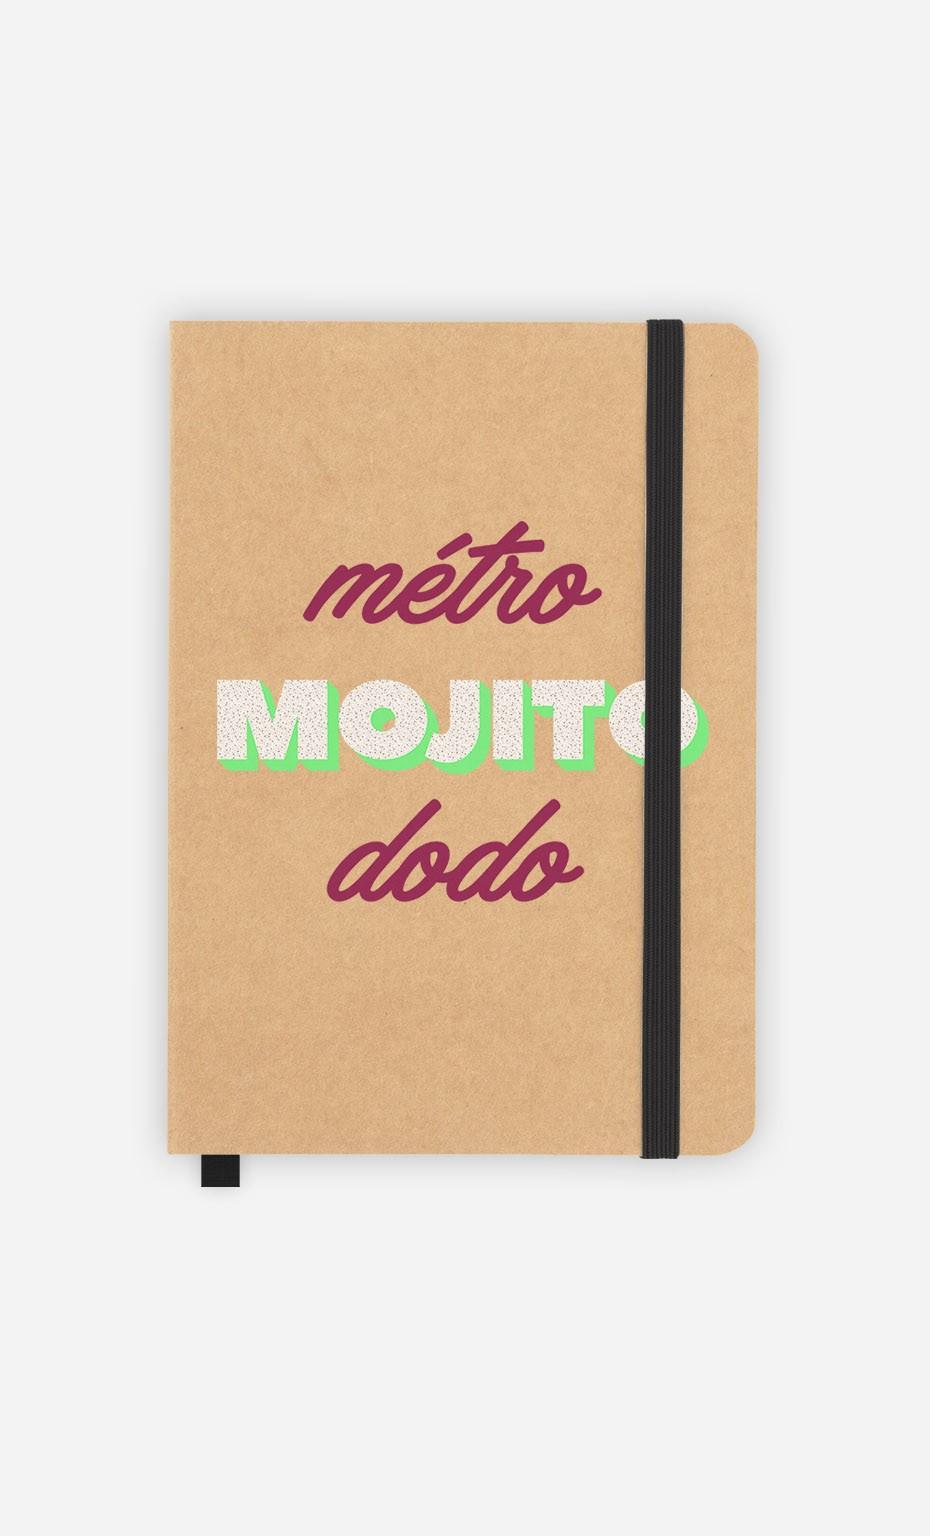 Carnet Métro Mojito Dodo